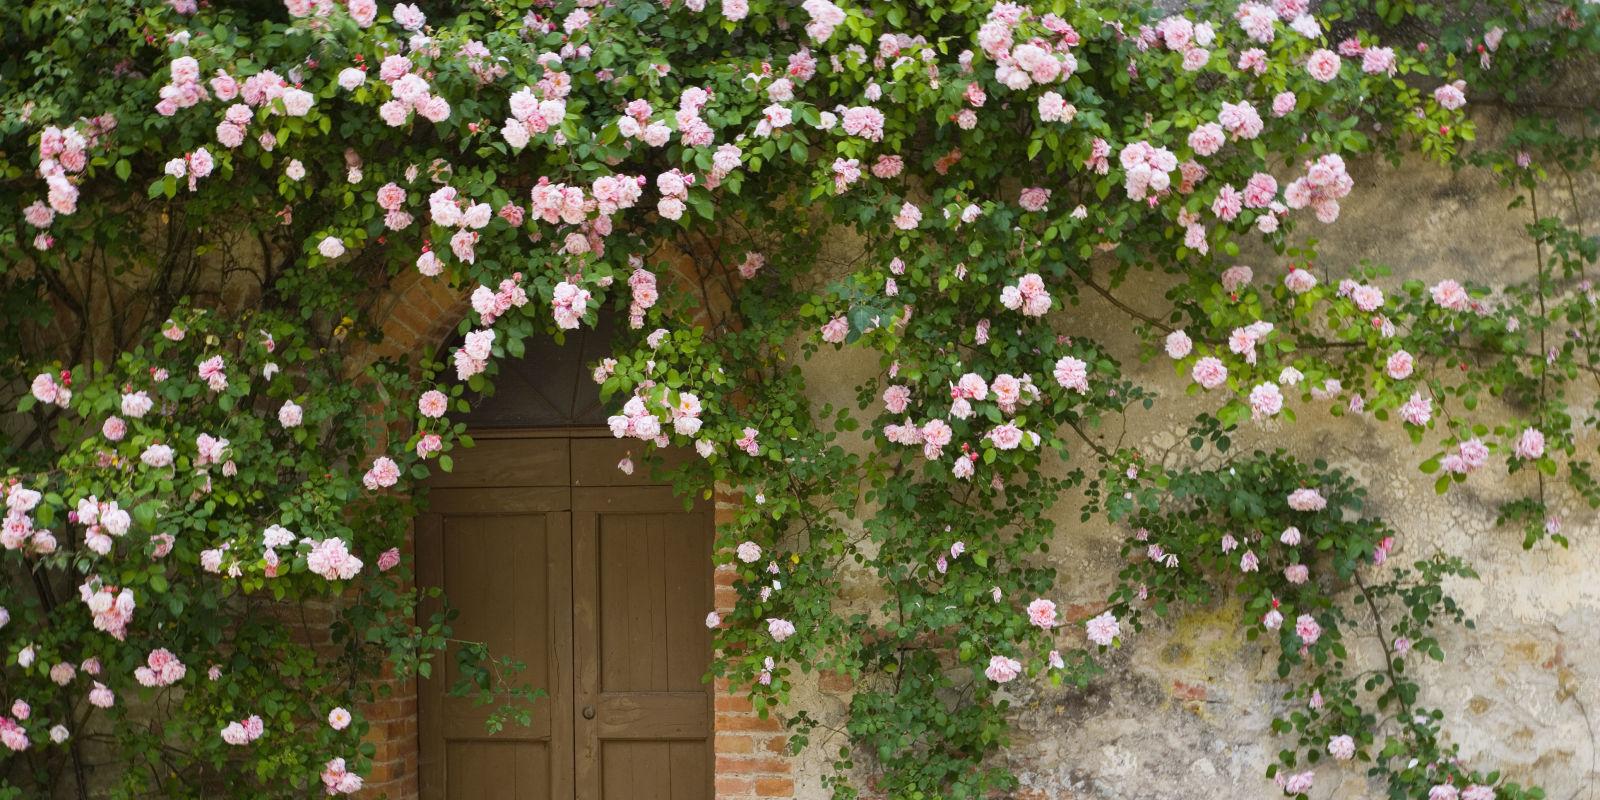 Doors With Climbing Vines